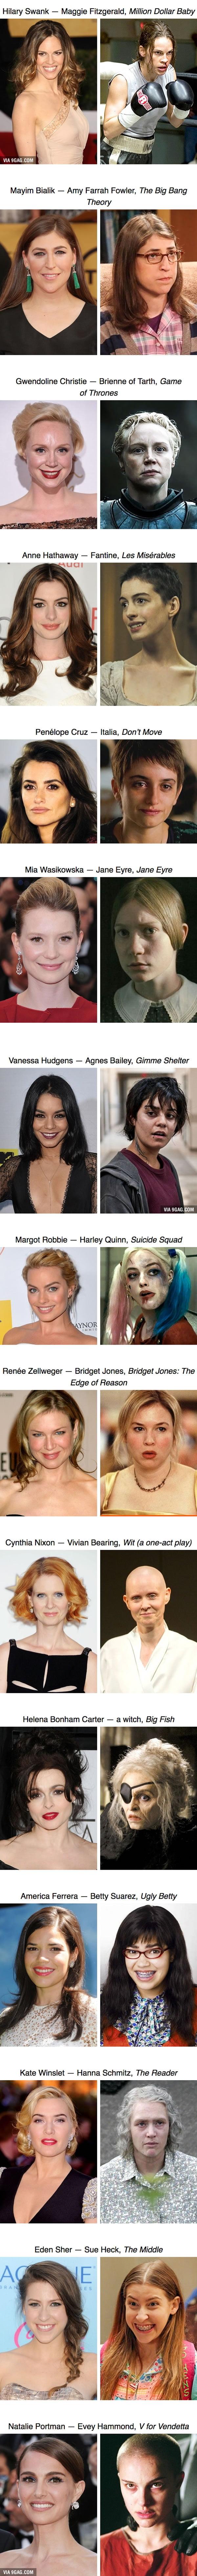 15 attrici che hanno sacrificato la loro bellezza per i ruoli di film